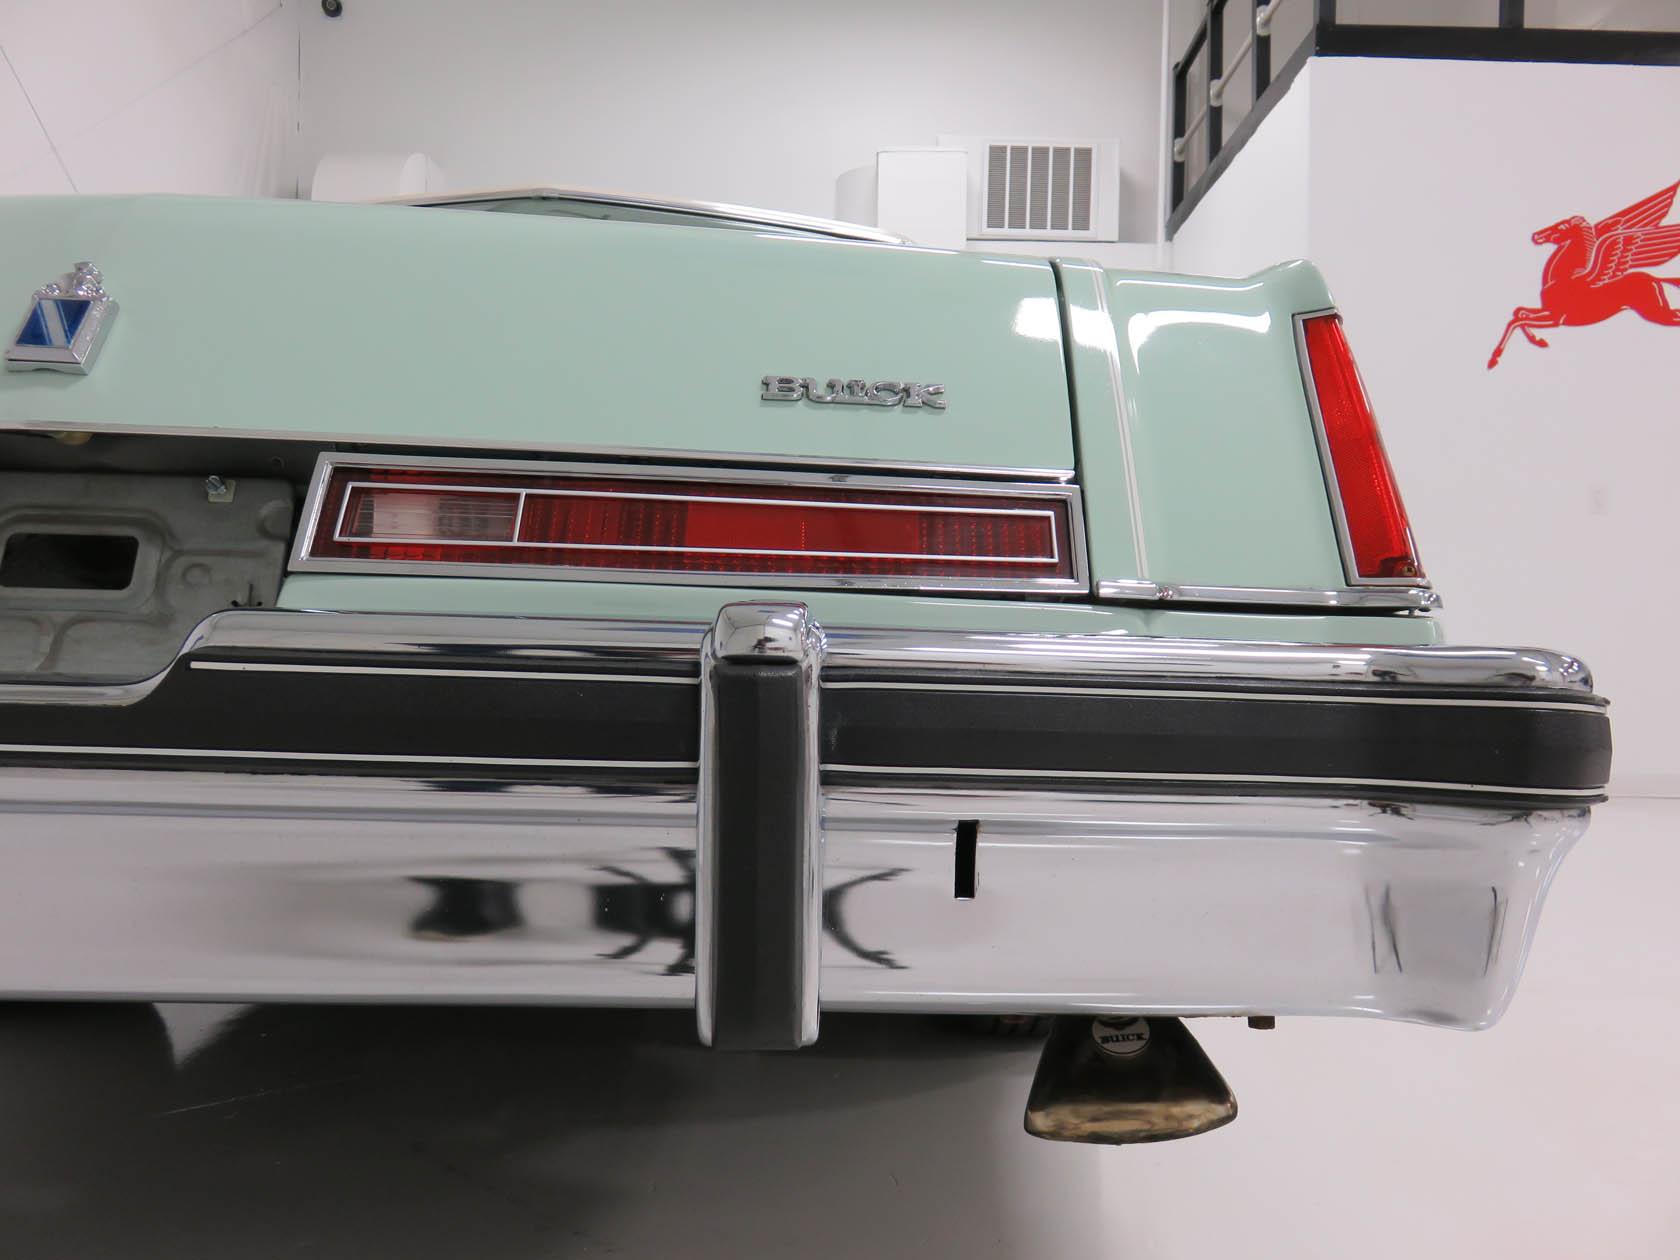 Michael Esposito - 1974 Oldsmobile Cutlasss Supreme 318